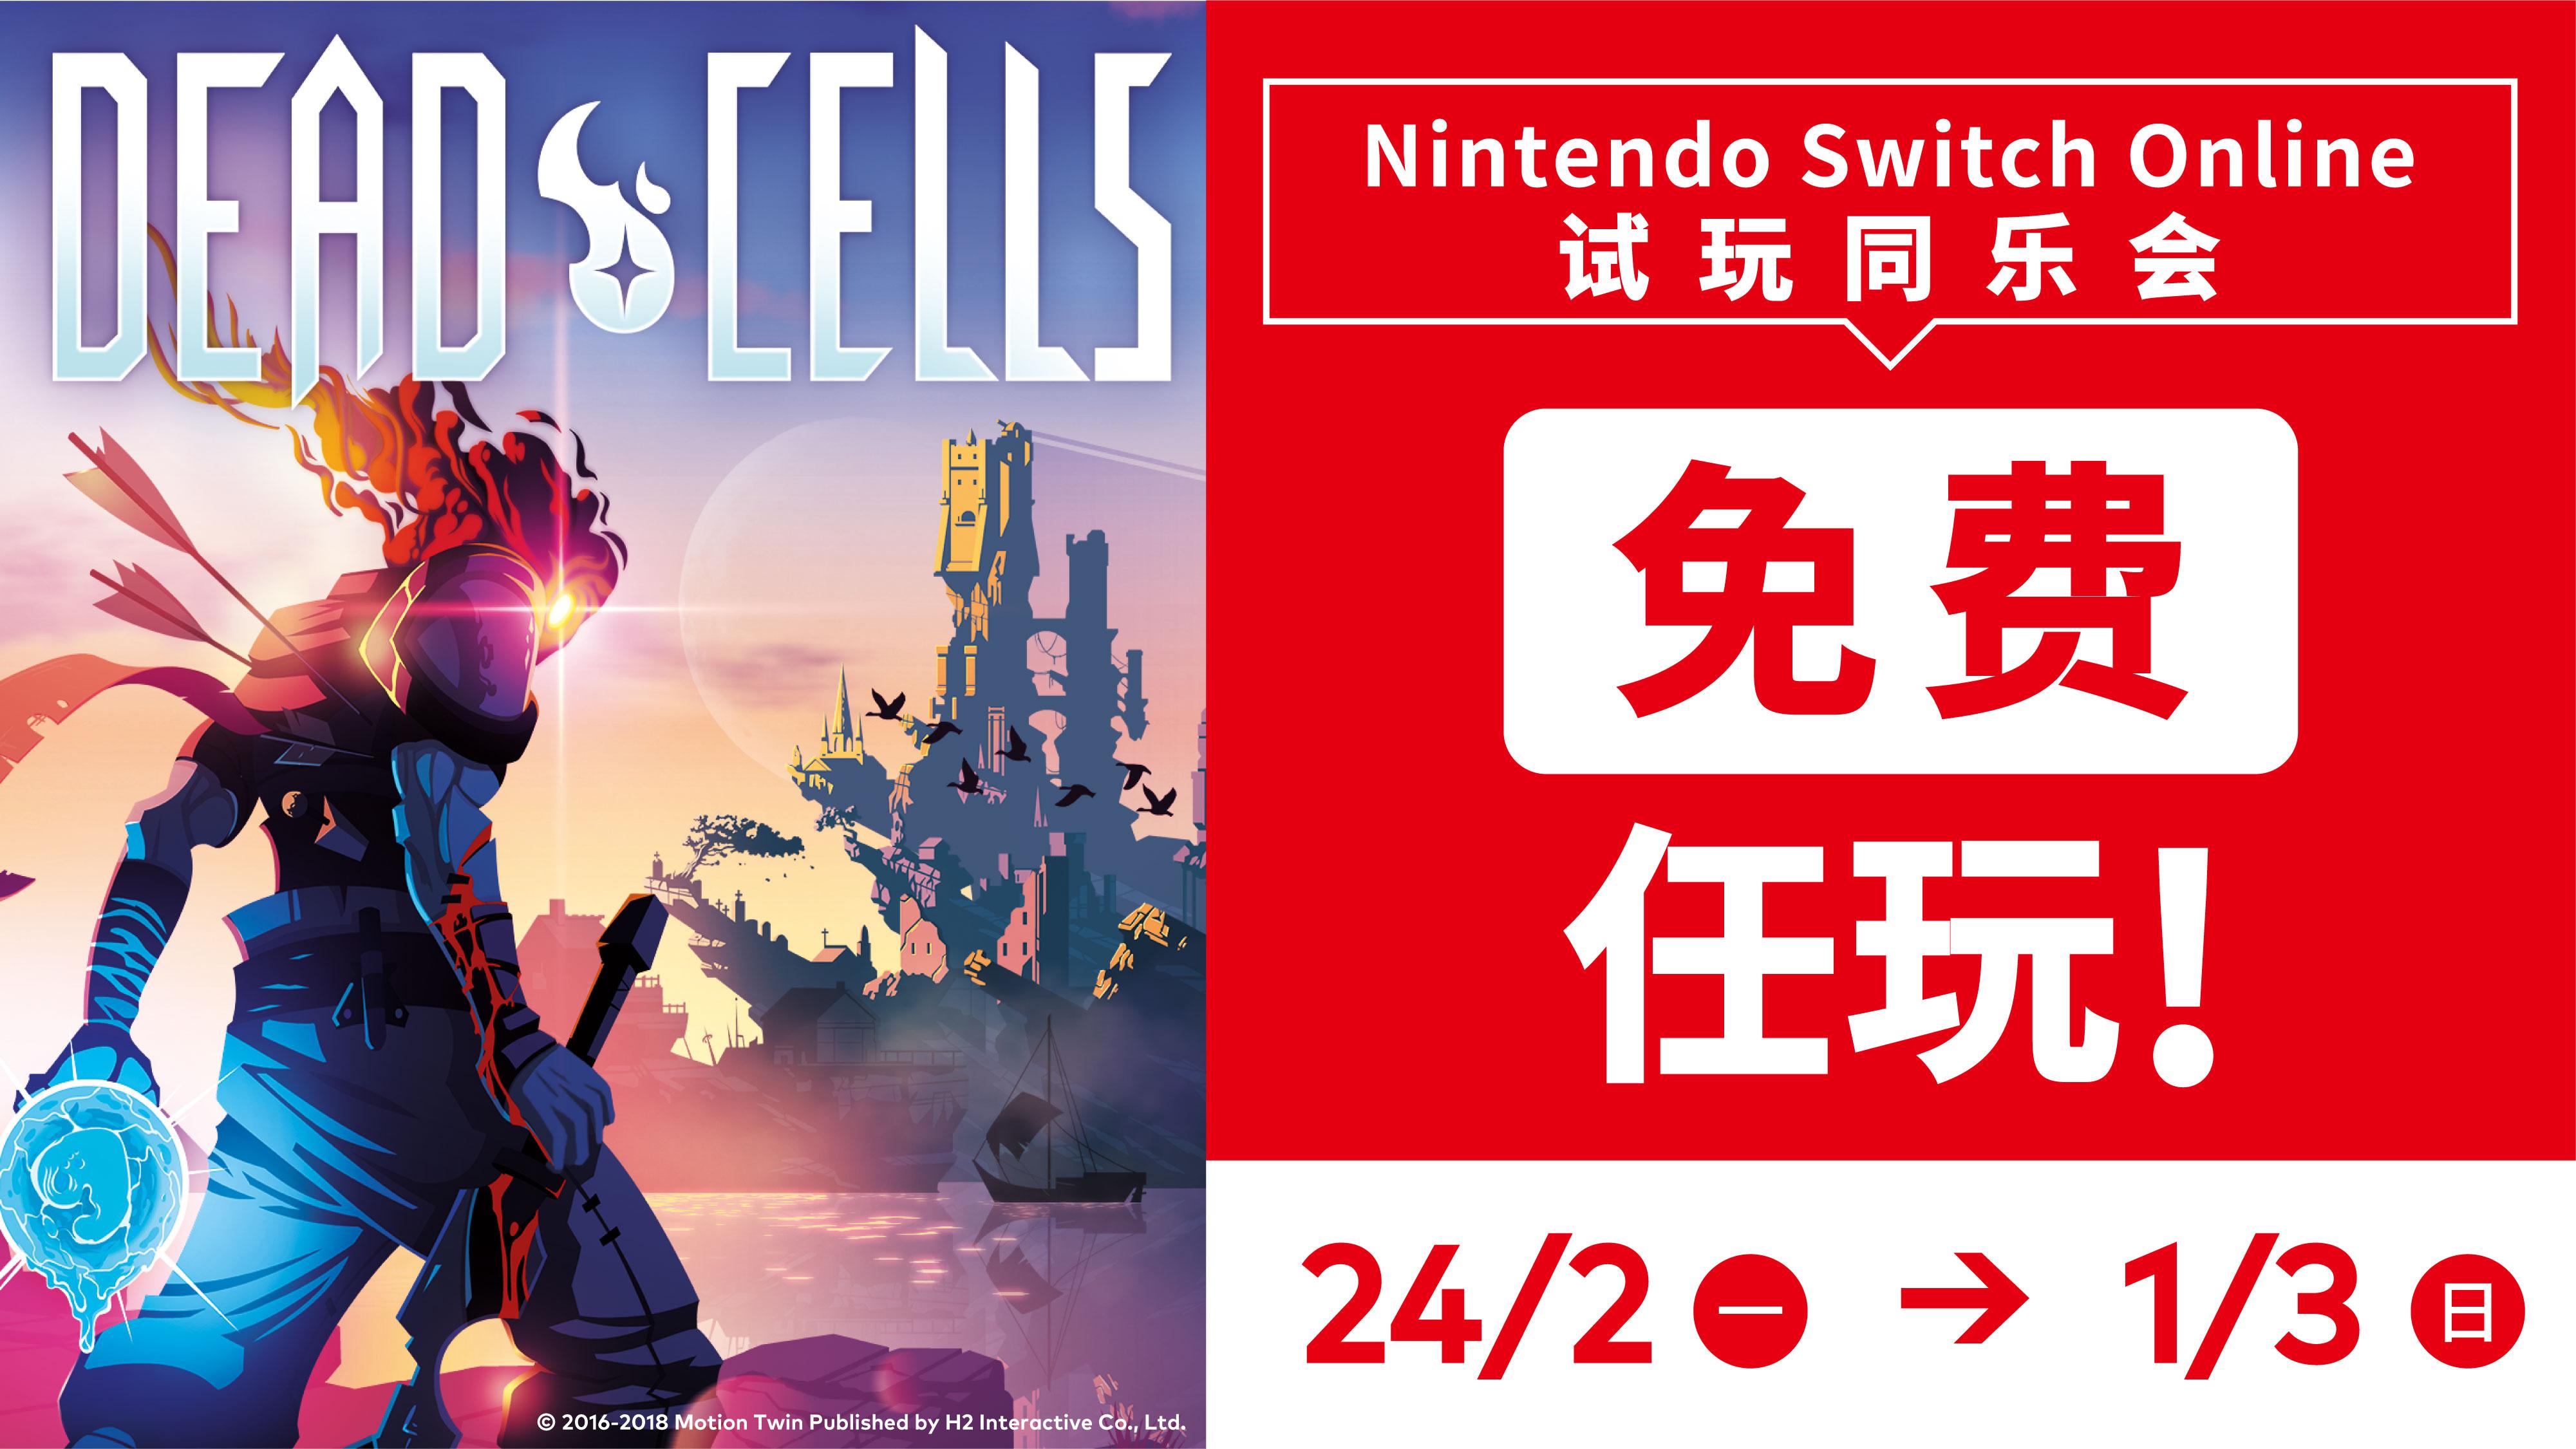 NS港服和日服《死亡细胞》免费游玩活动将至 还有7折优惠!